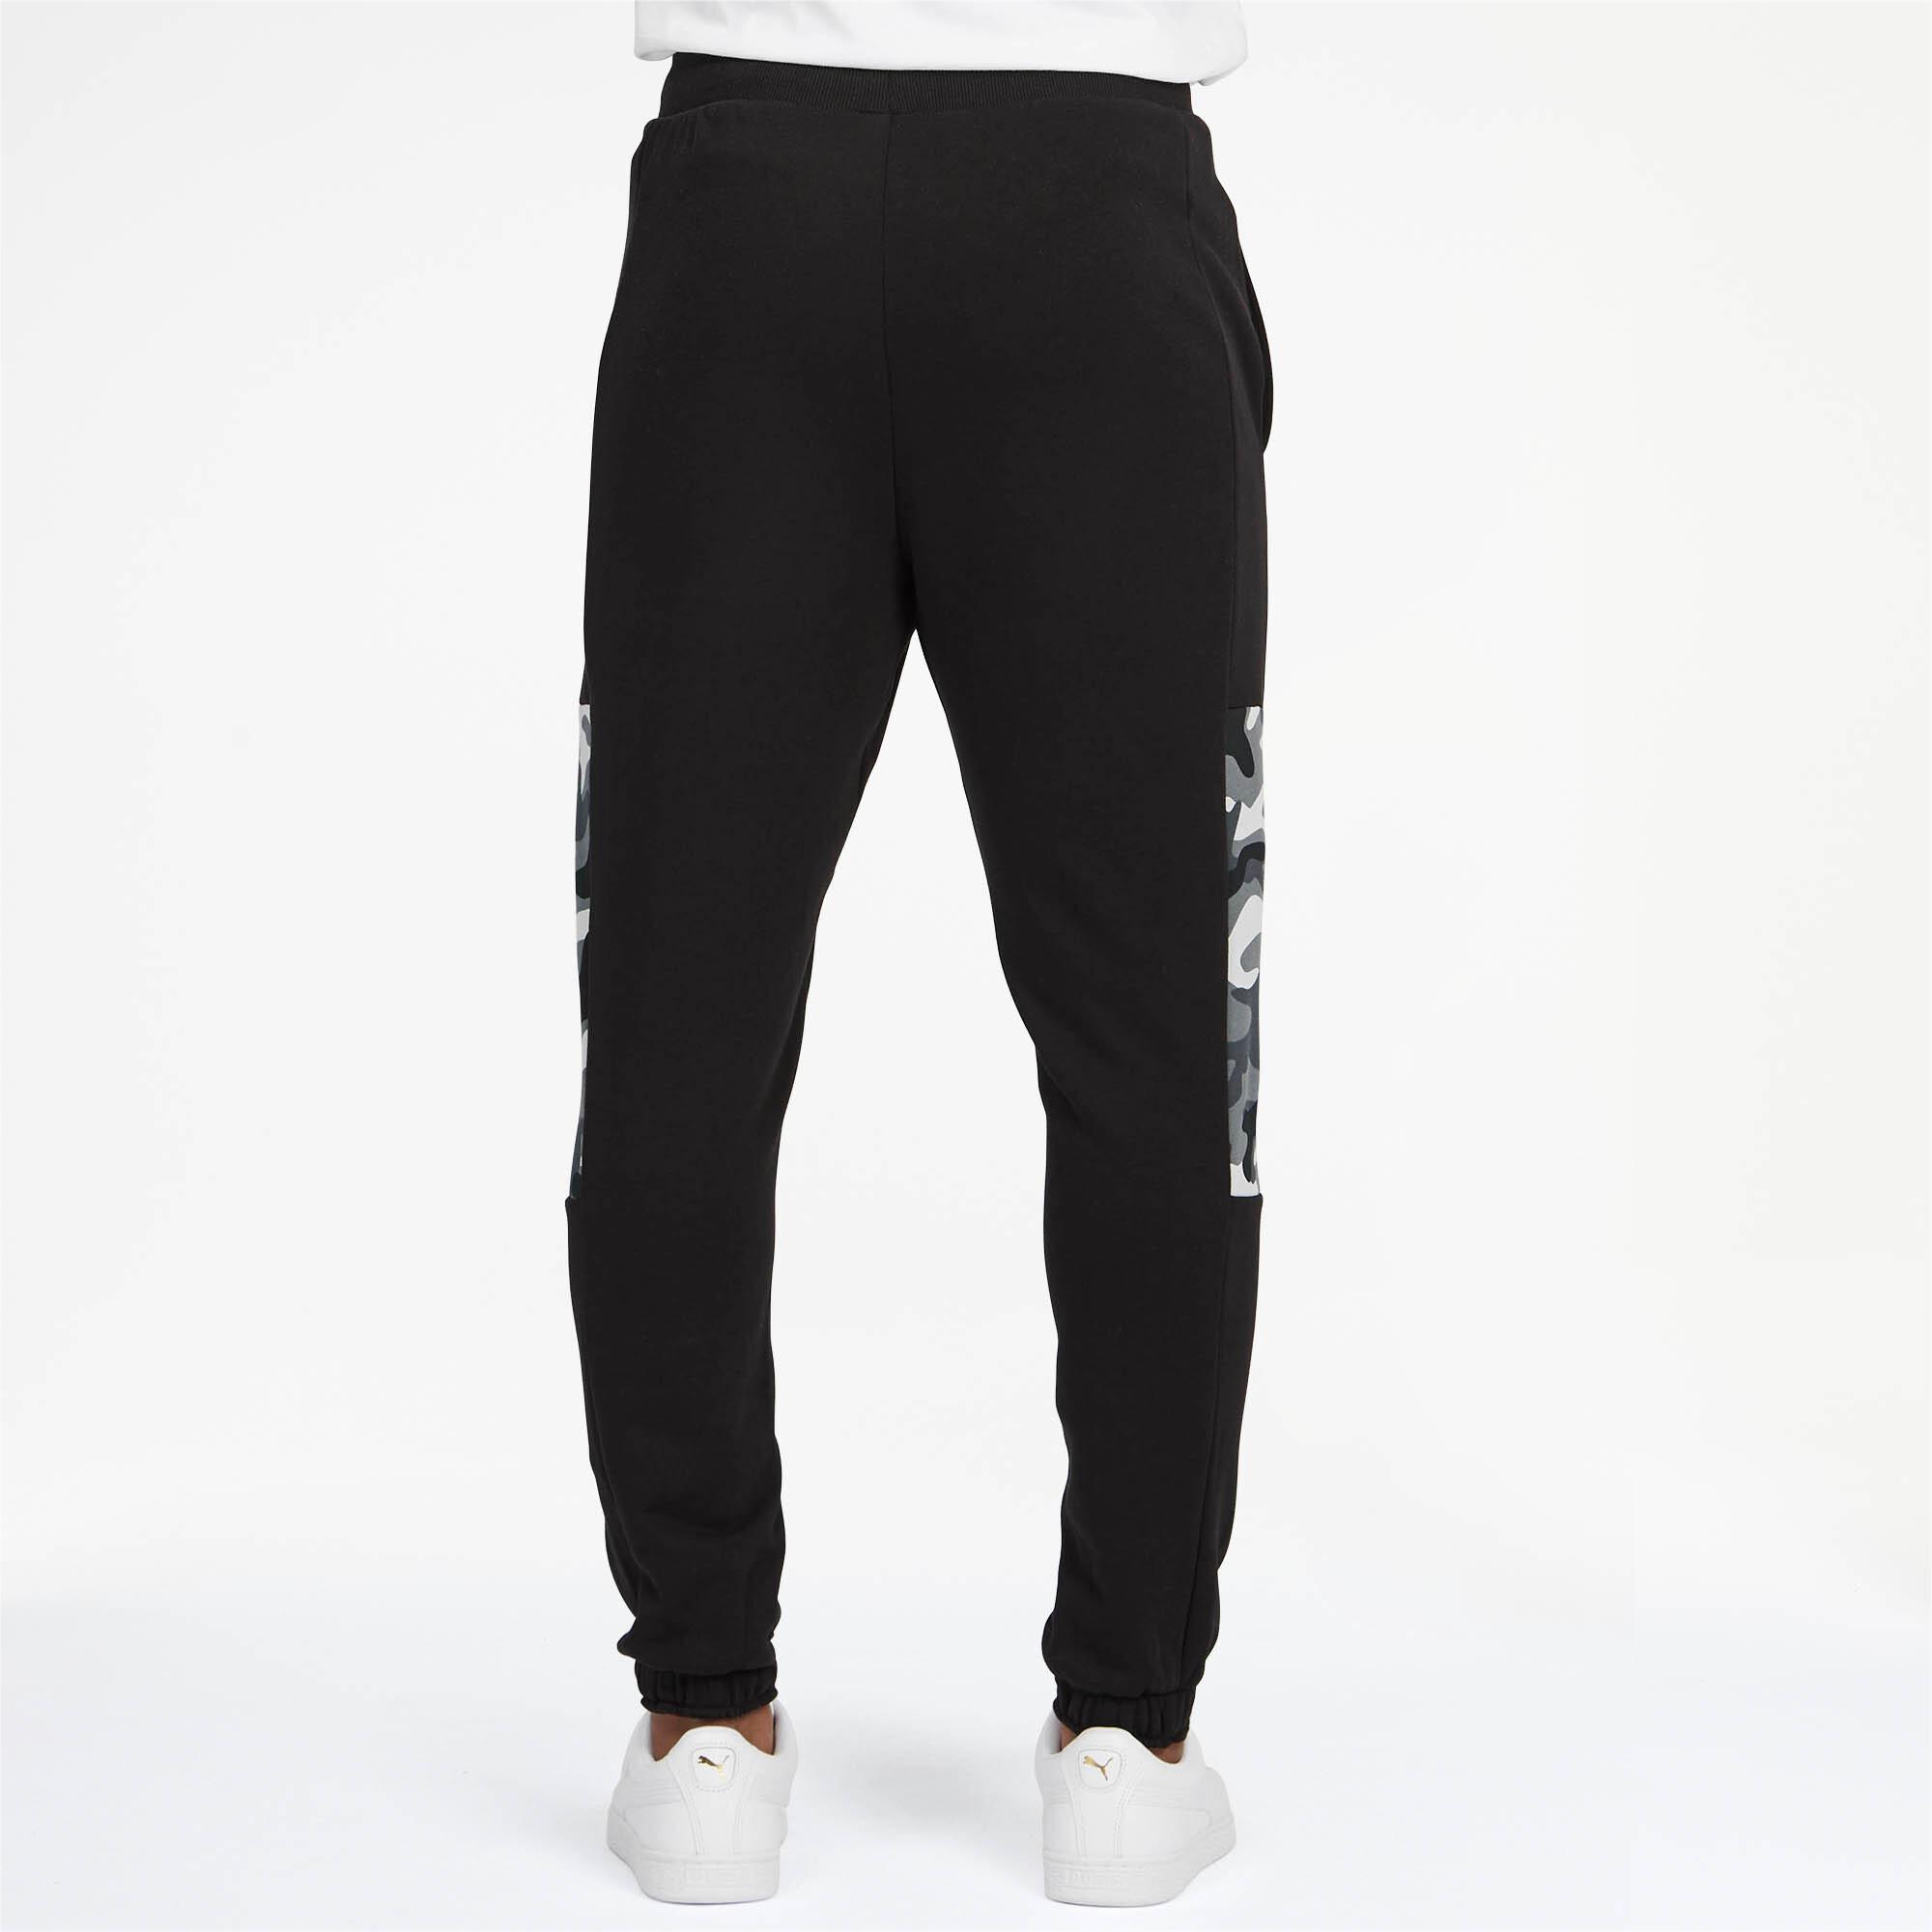 Puma-Pantalones-De-Hombre-Camuflaje-rebelde-hombre-de-punto-pantalones-Basics miniatura 4